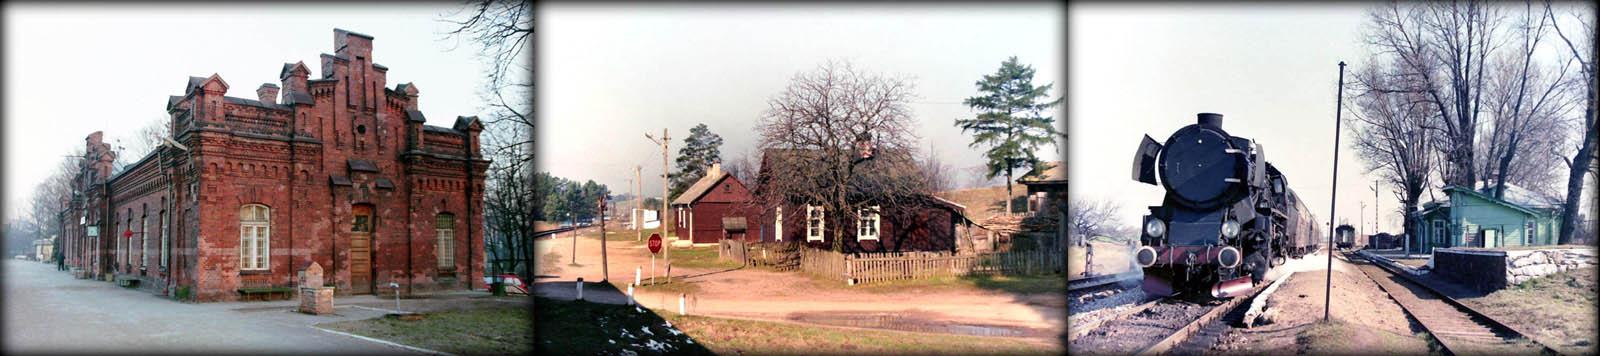 Stacja w Suwałkach w dniu 23.02.1995 , Stacja Kaletnik od strony Trakiszek w dniu 22.09.1990. Trakiszki 05.04.1989. Ty2-1252 ze składem gotowy do Suwałk.